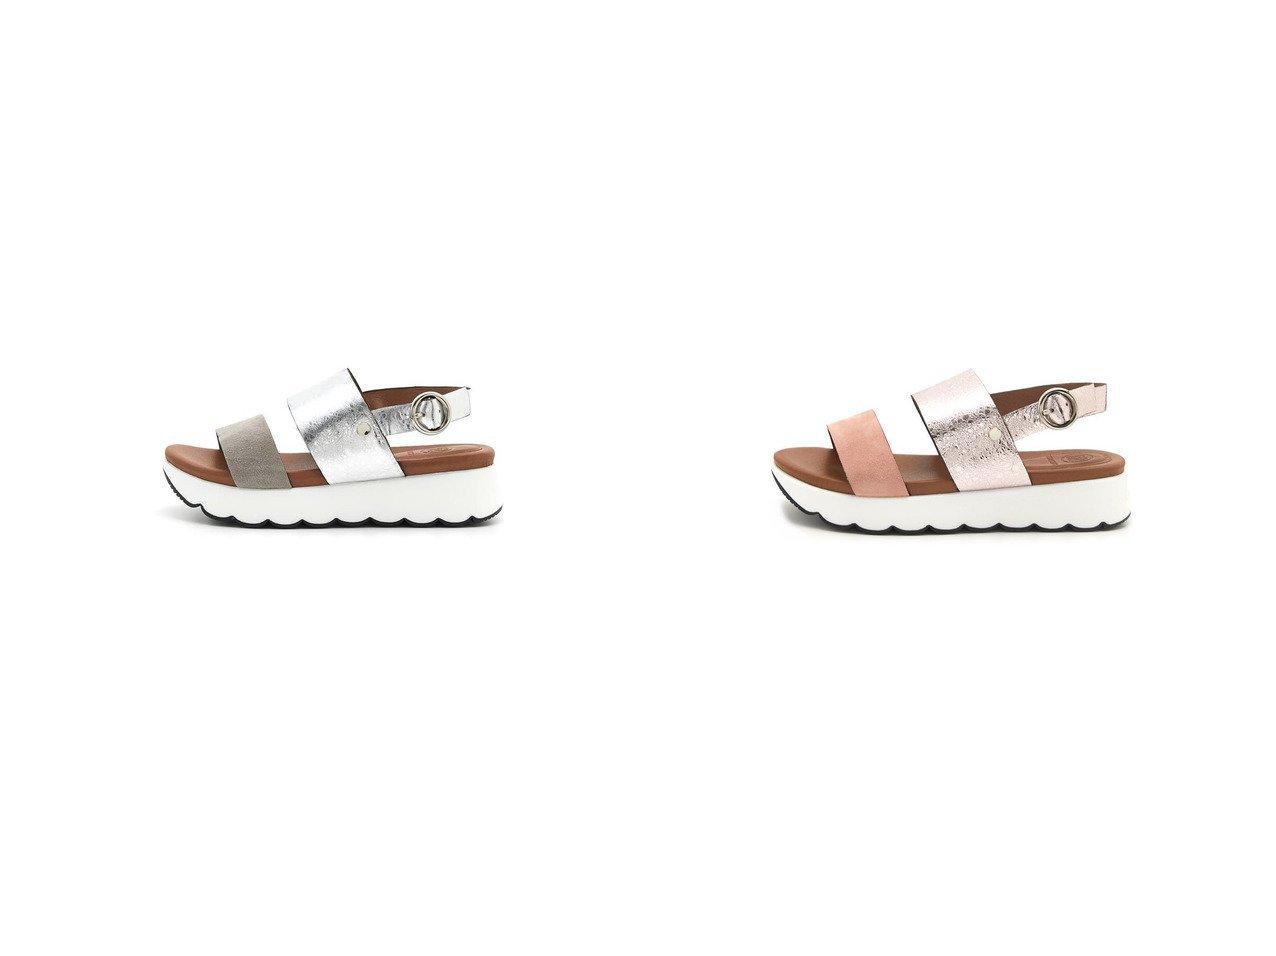 【STACCATO/スタッカート】のグリッターコンビクラウドヒールサンダル S.PNK 【シューズ・靴】おすすめ!人気トレンド・レディースファッション通販 おすすめで人気の流行・トレンド、ファッションの通販商品 インテリア・家具・メンズファッション・キッズファッション・レディースファッション・服の通販 founy(ファニー) https://founy.com/ ファッション Fashion レディースファッション WOMEN 2020年 2020 2020春夏・S/S SS・Spring/Summer/2020 S/S・春夏 SS・Spring/Summer スエード スカラップ メタリック 夏 Summer 春 Spring |ID:crp329100000051524